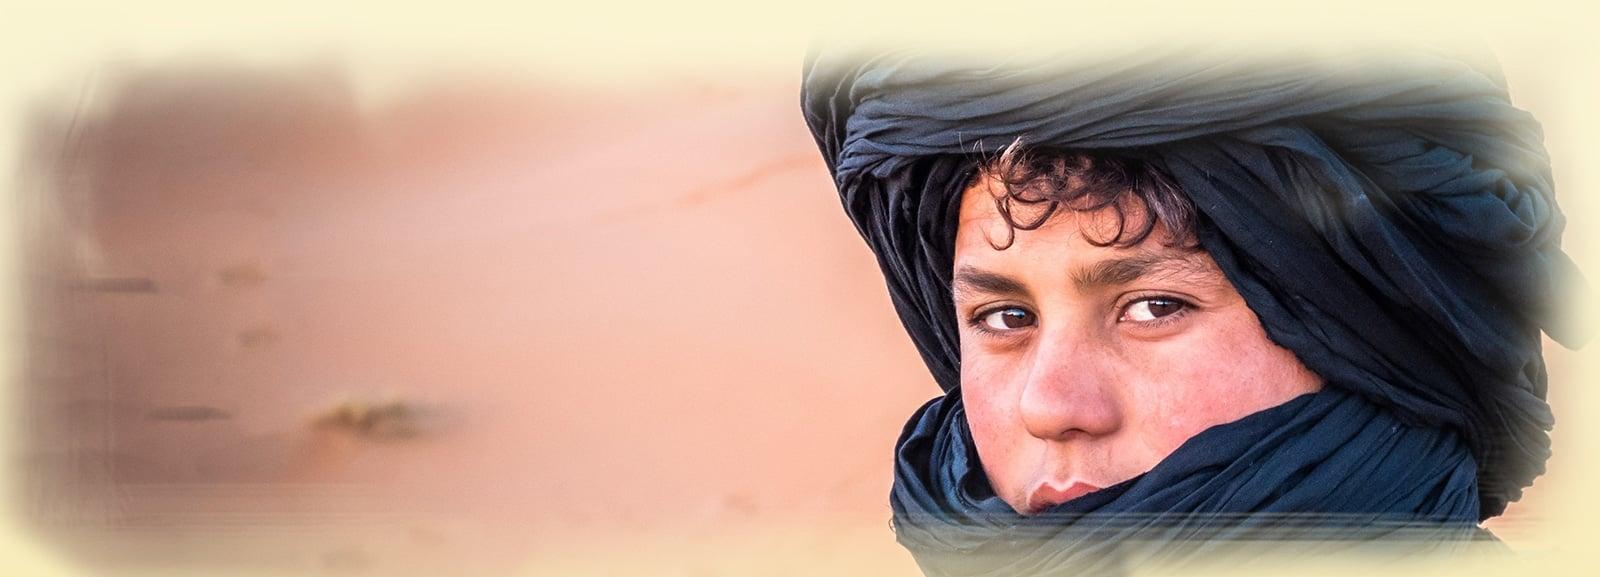 Jeune touareg dans le désert de Merzouga au Maroc - Les Routes du Monde